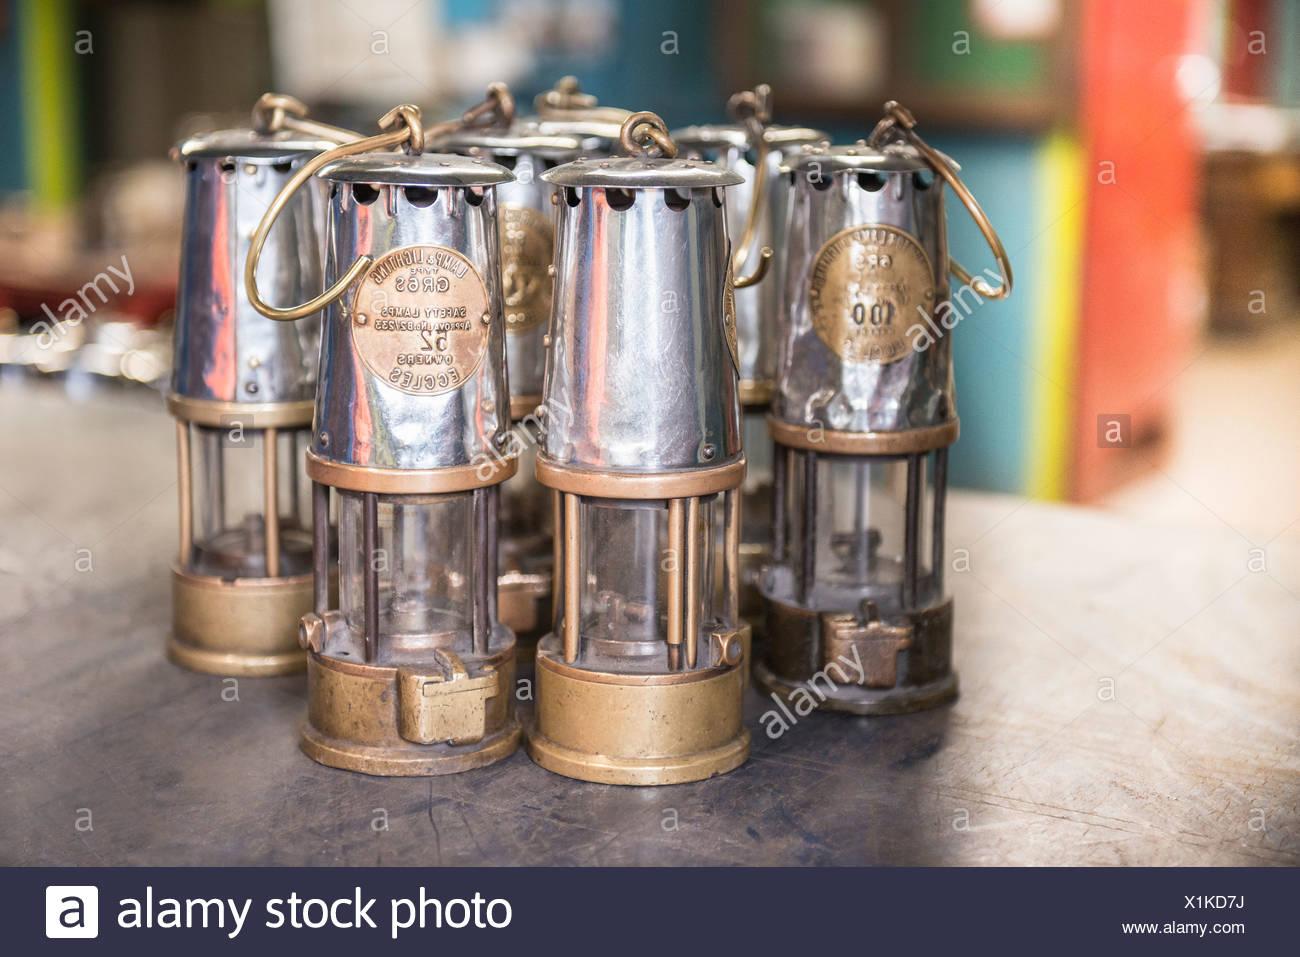 Les lampes à l'ancienne exploitation minière sur la table Photo Stock